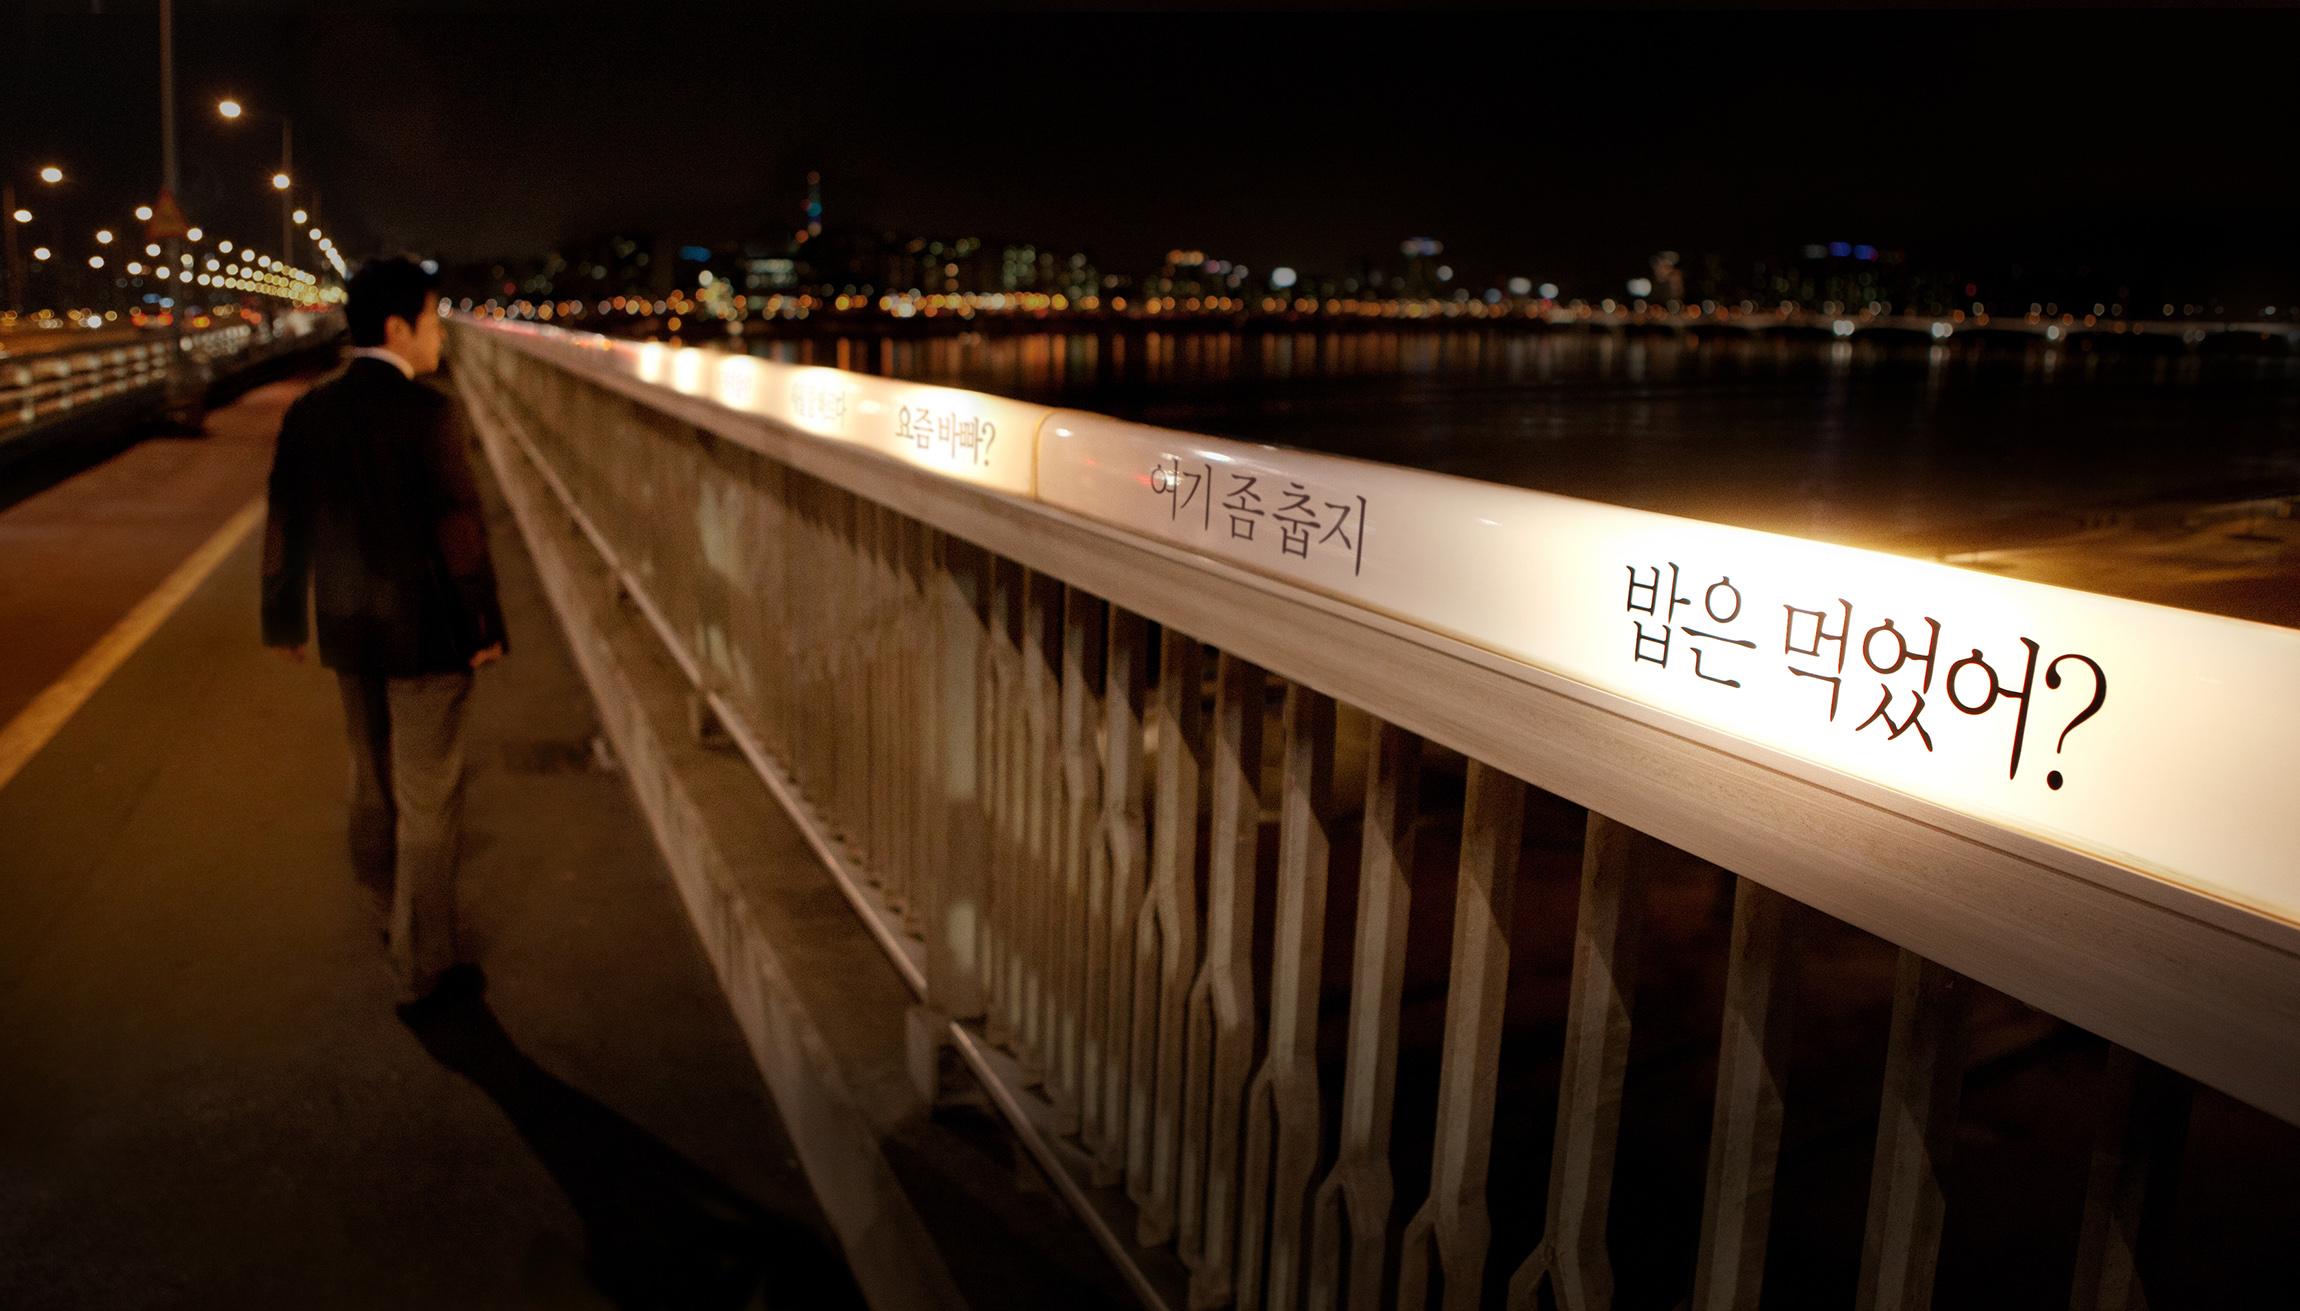 Iniciativa da Samsung reduz em 85% a taxa de suícidios em uma ponte na Coréia do Sul